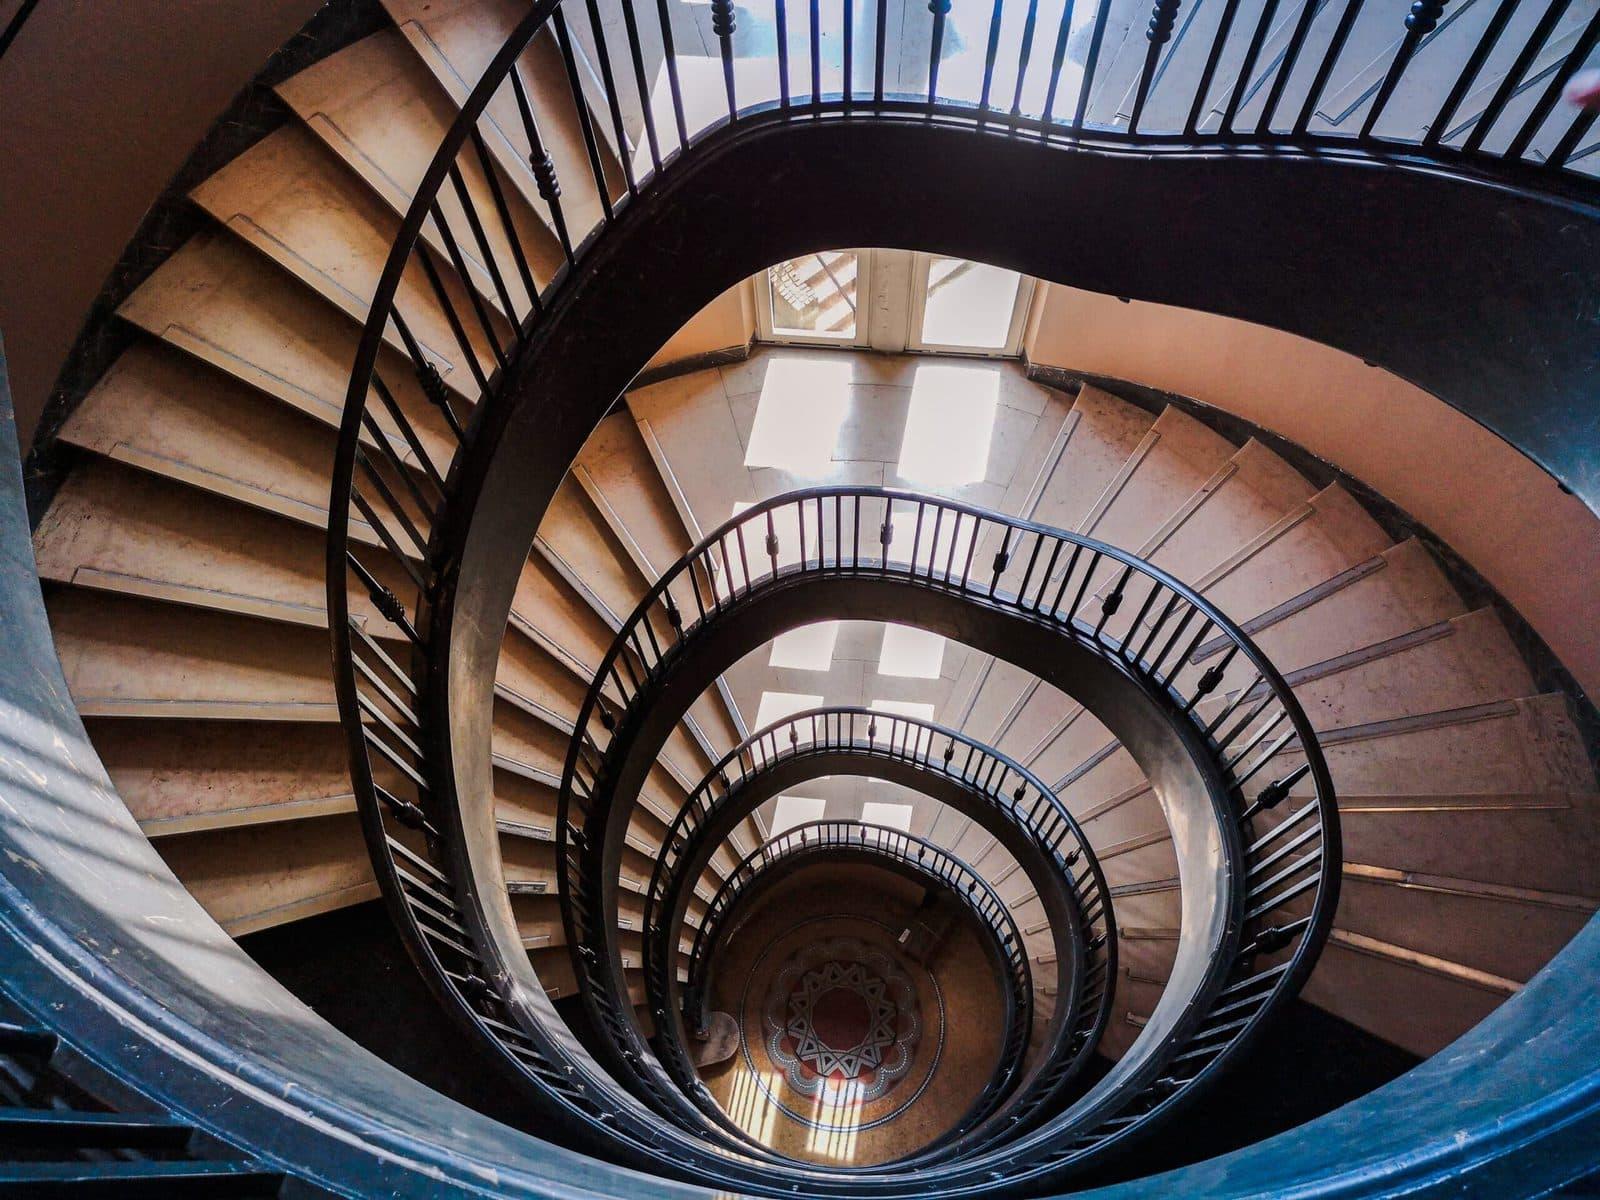 De angst bovenaan een trap - circular clarity